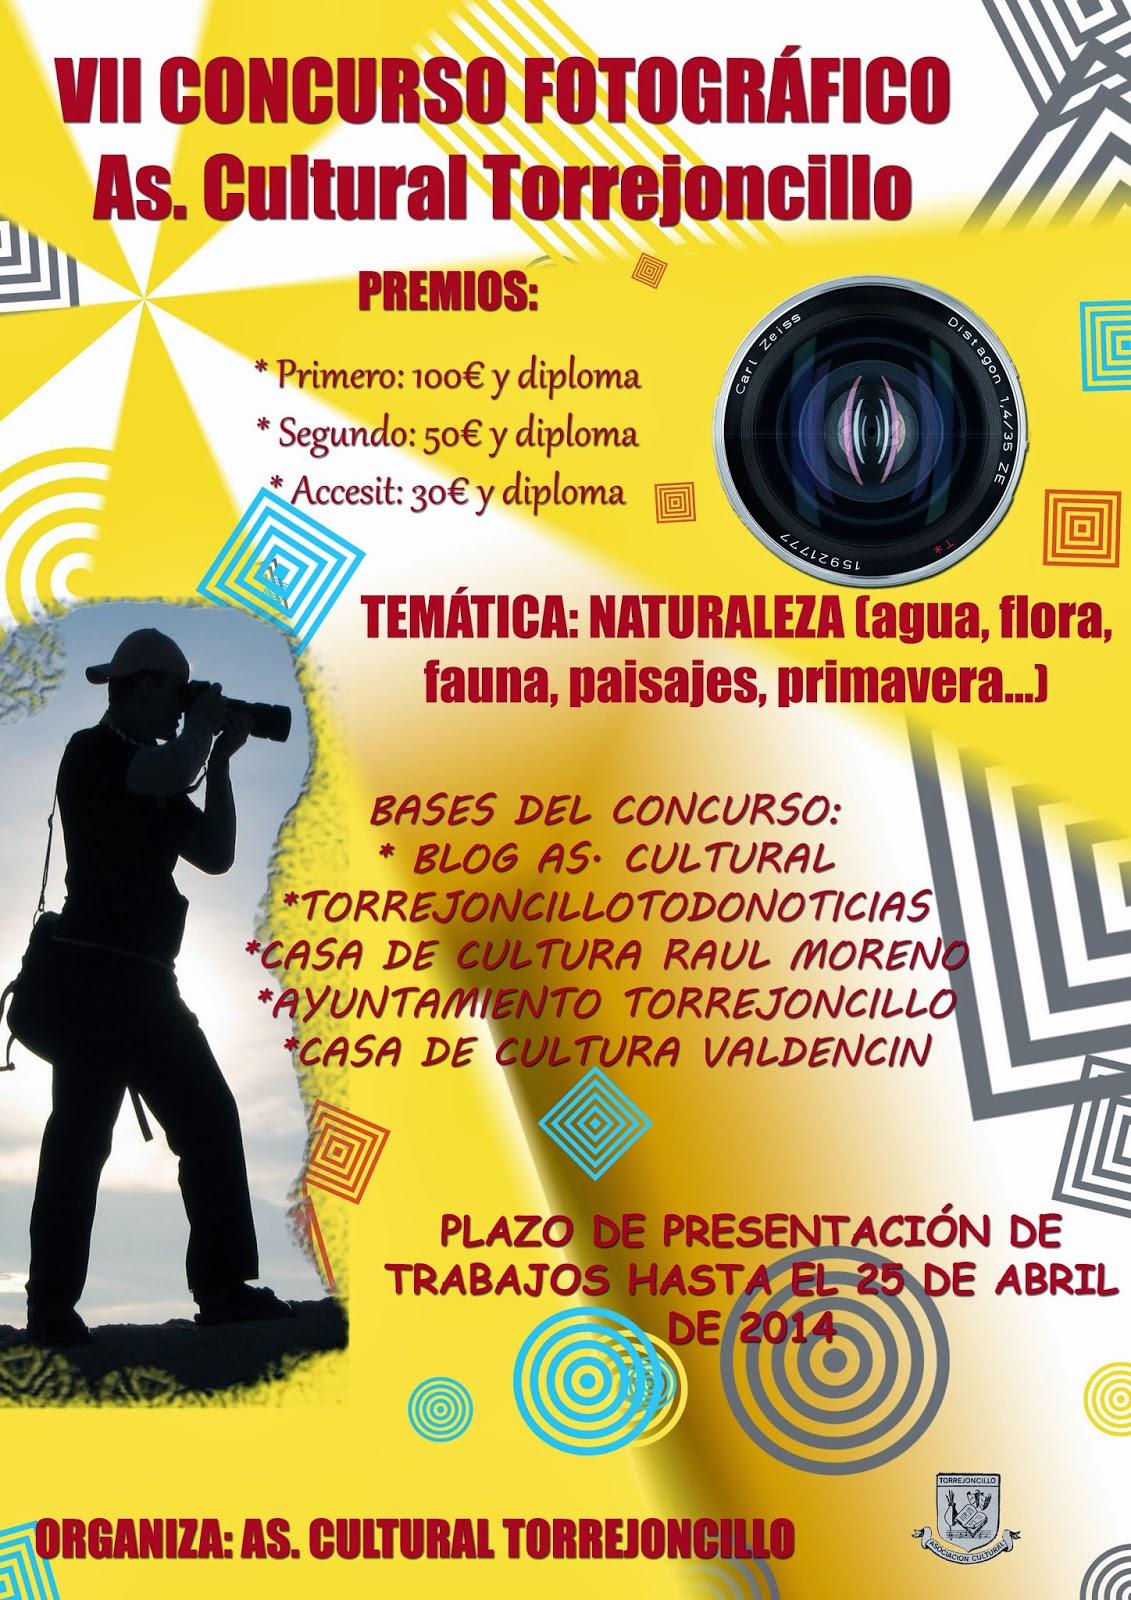 VII Concurso Fotográfico As. Cultural 2014